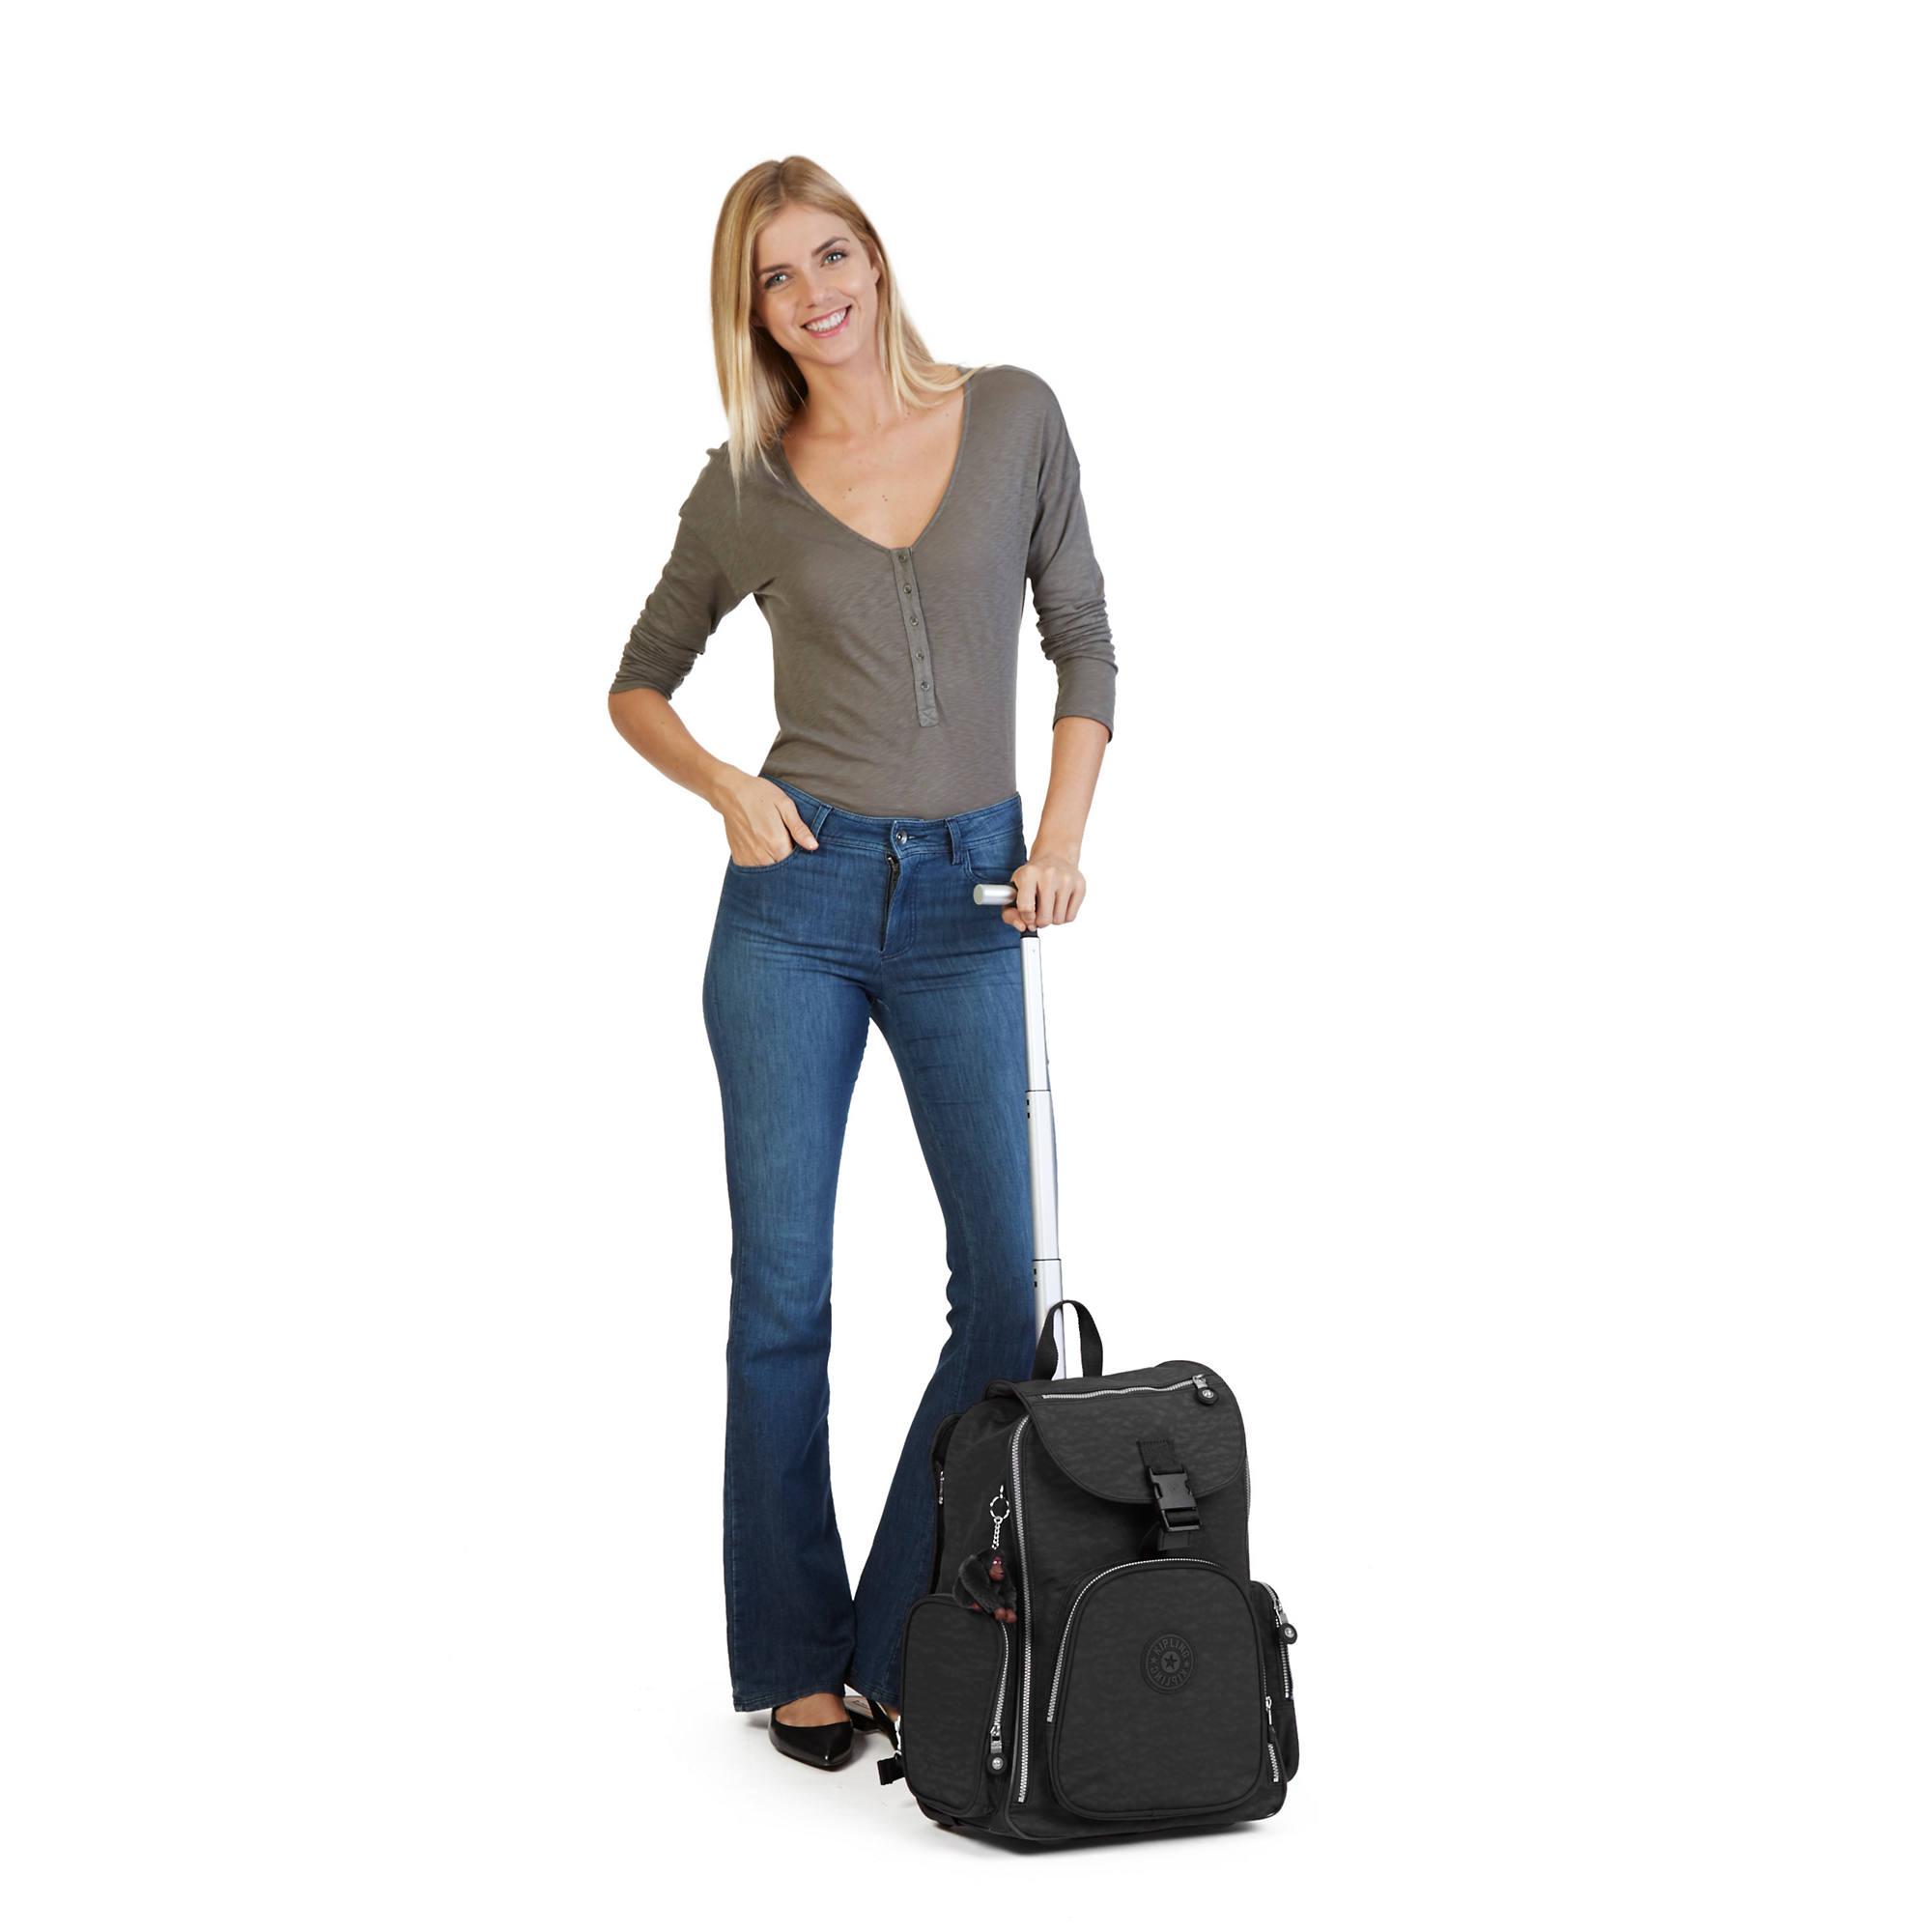 Kipling Alcatraz Ii Large Rolling Laptop Backpack